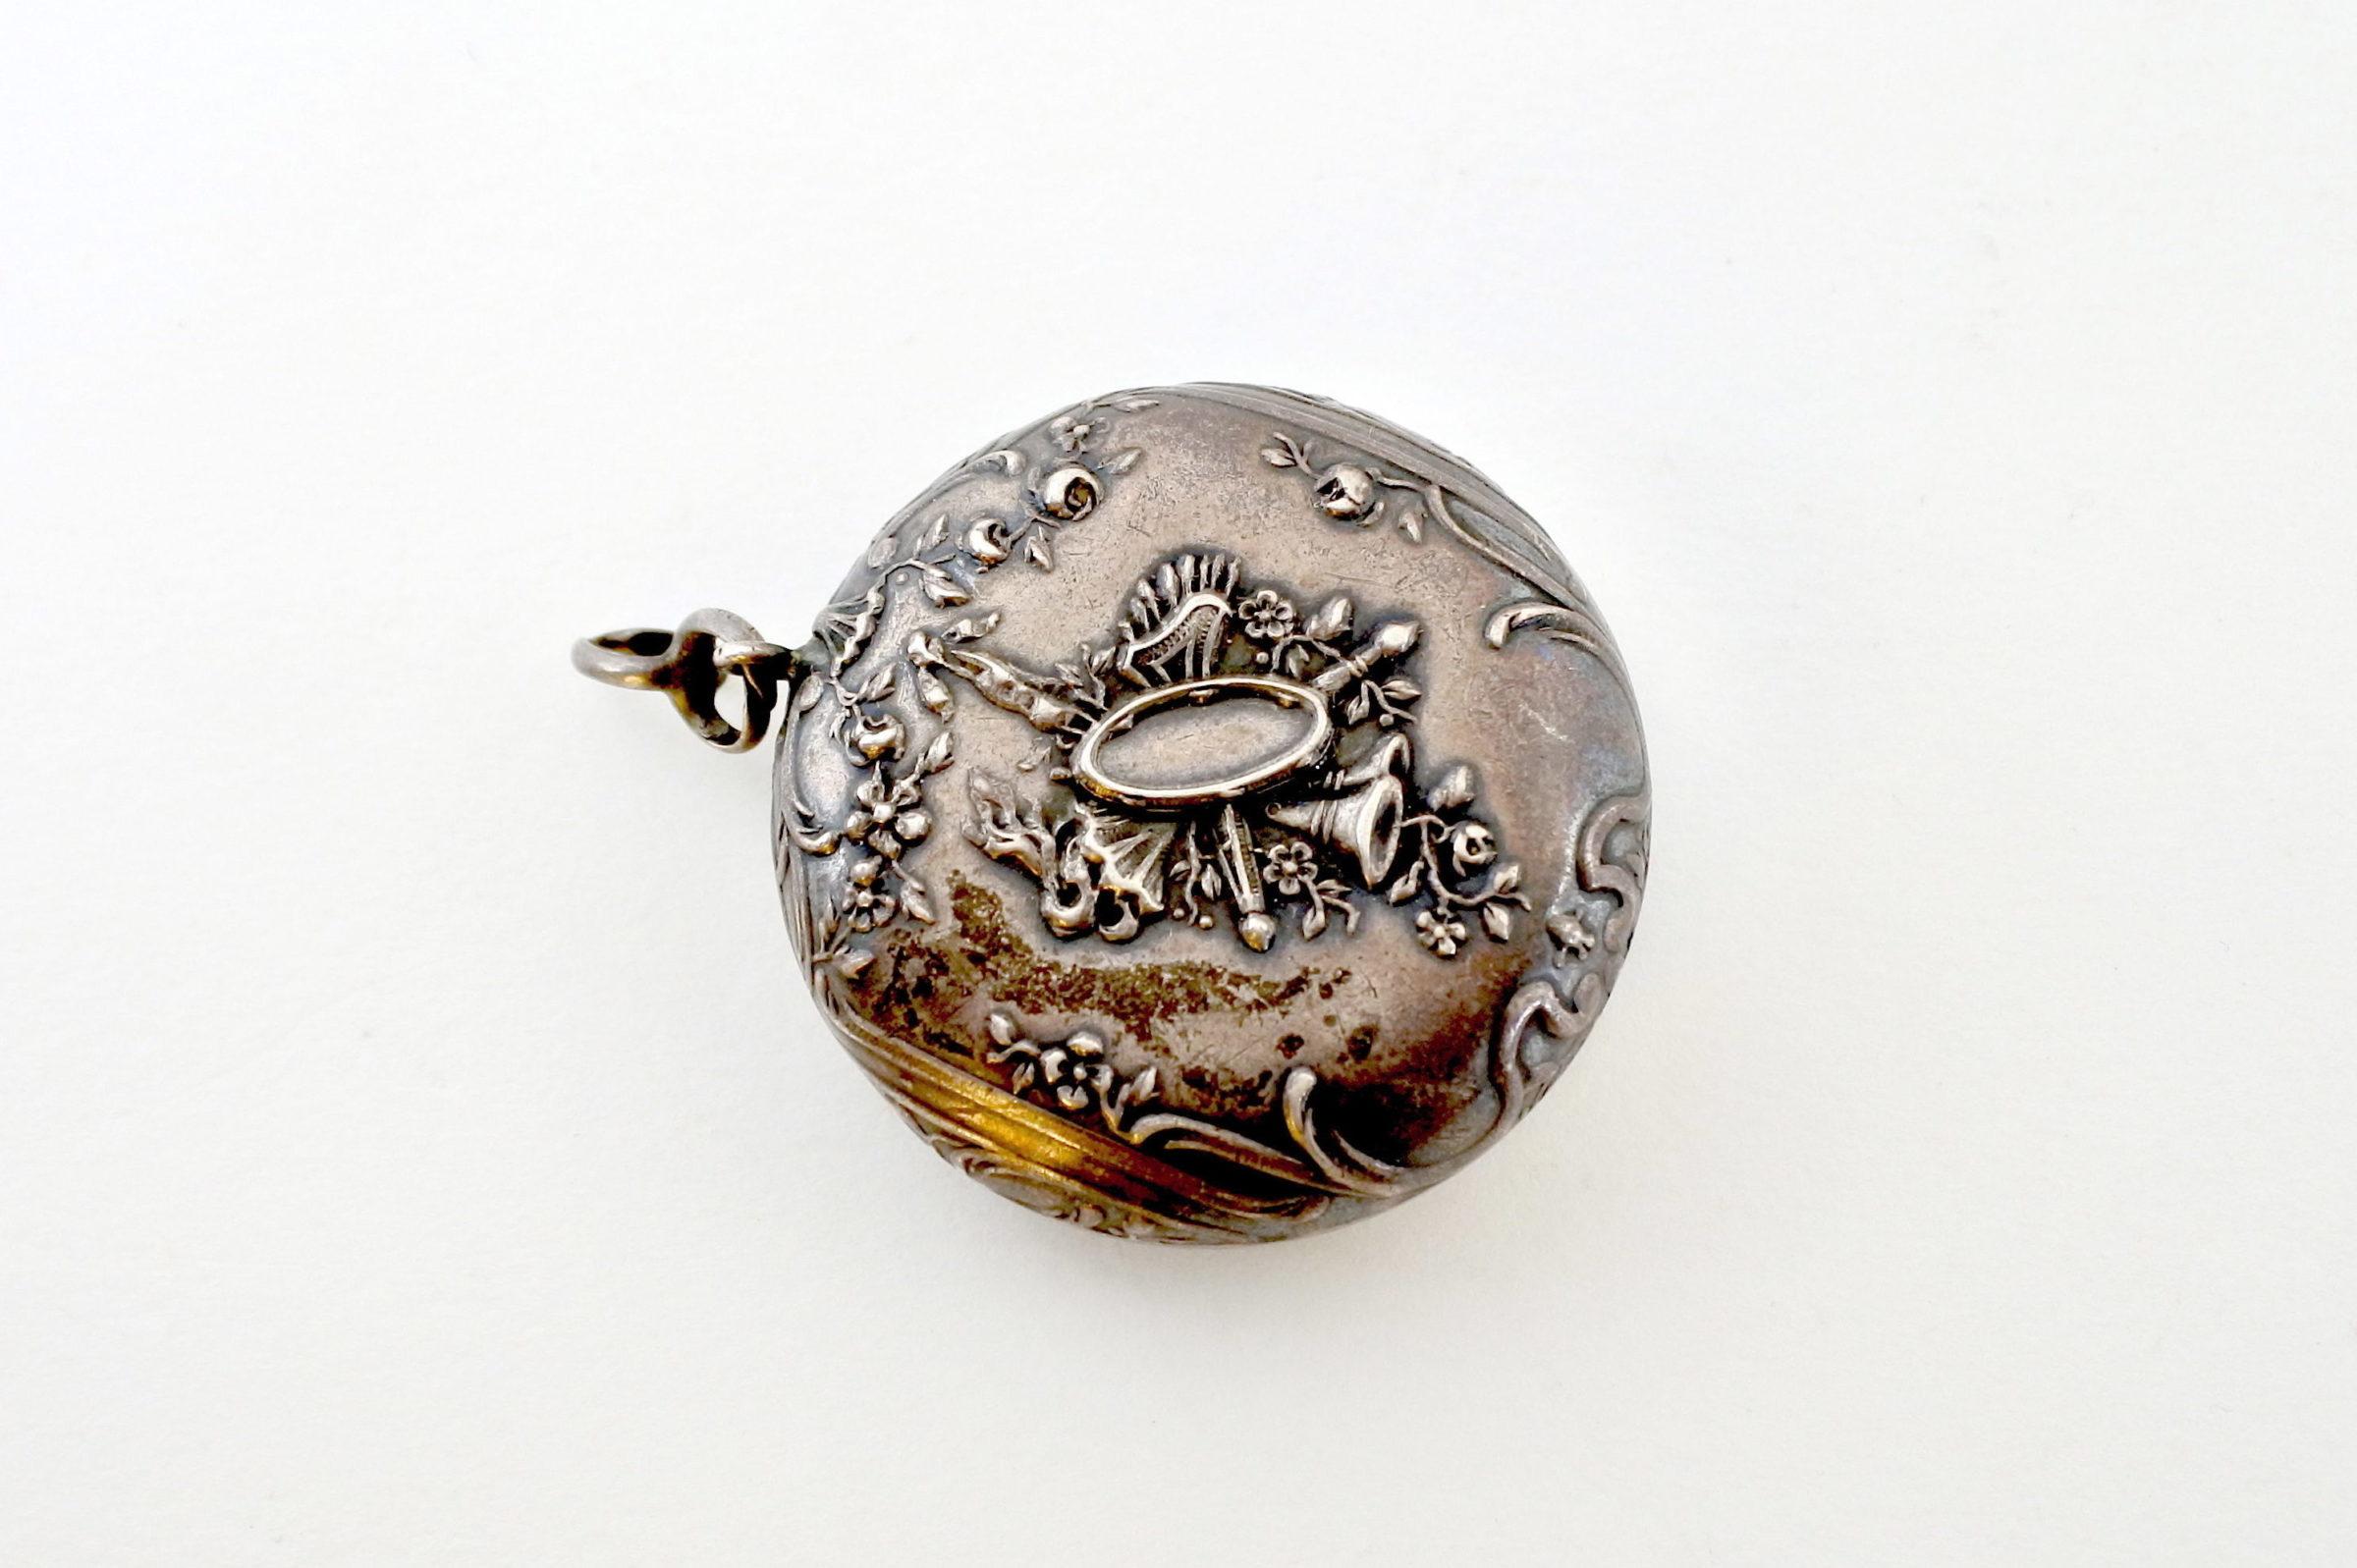 Portacipria in argento e vermeil con specchietto interno - 2